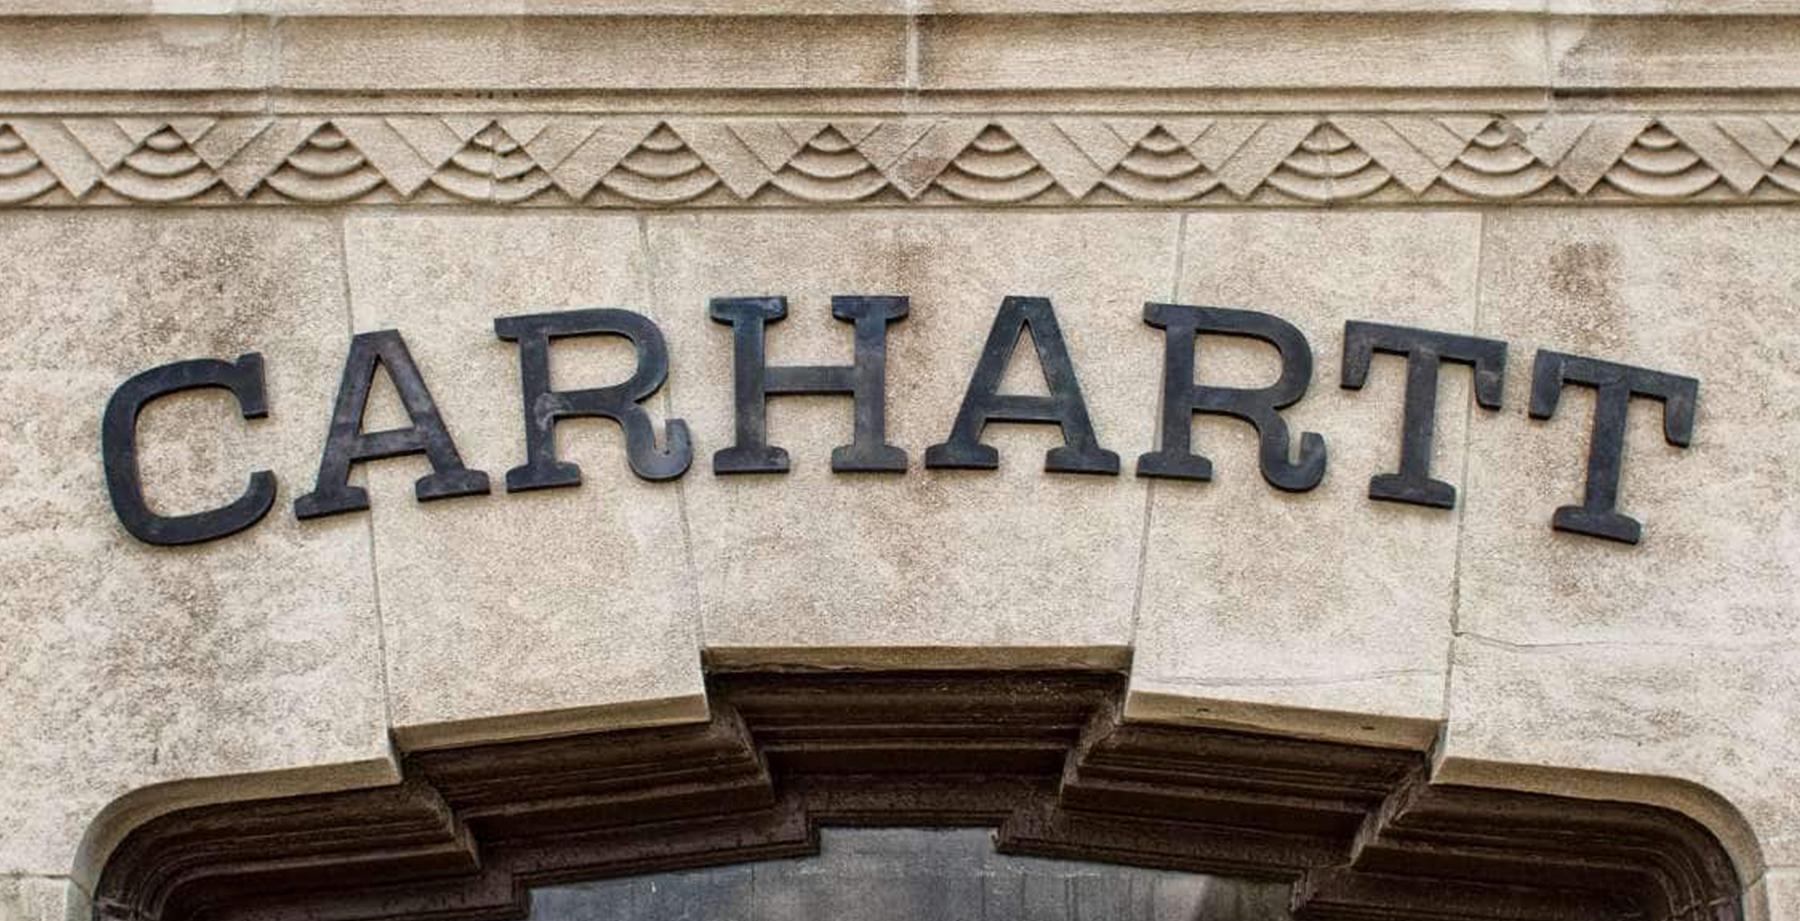 Carhartt: Business Planning